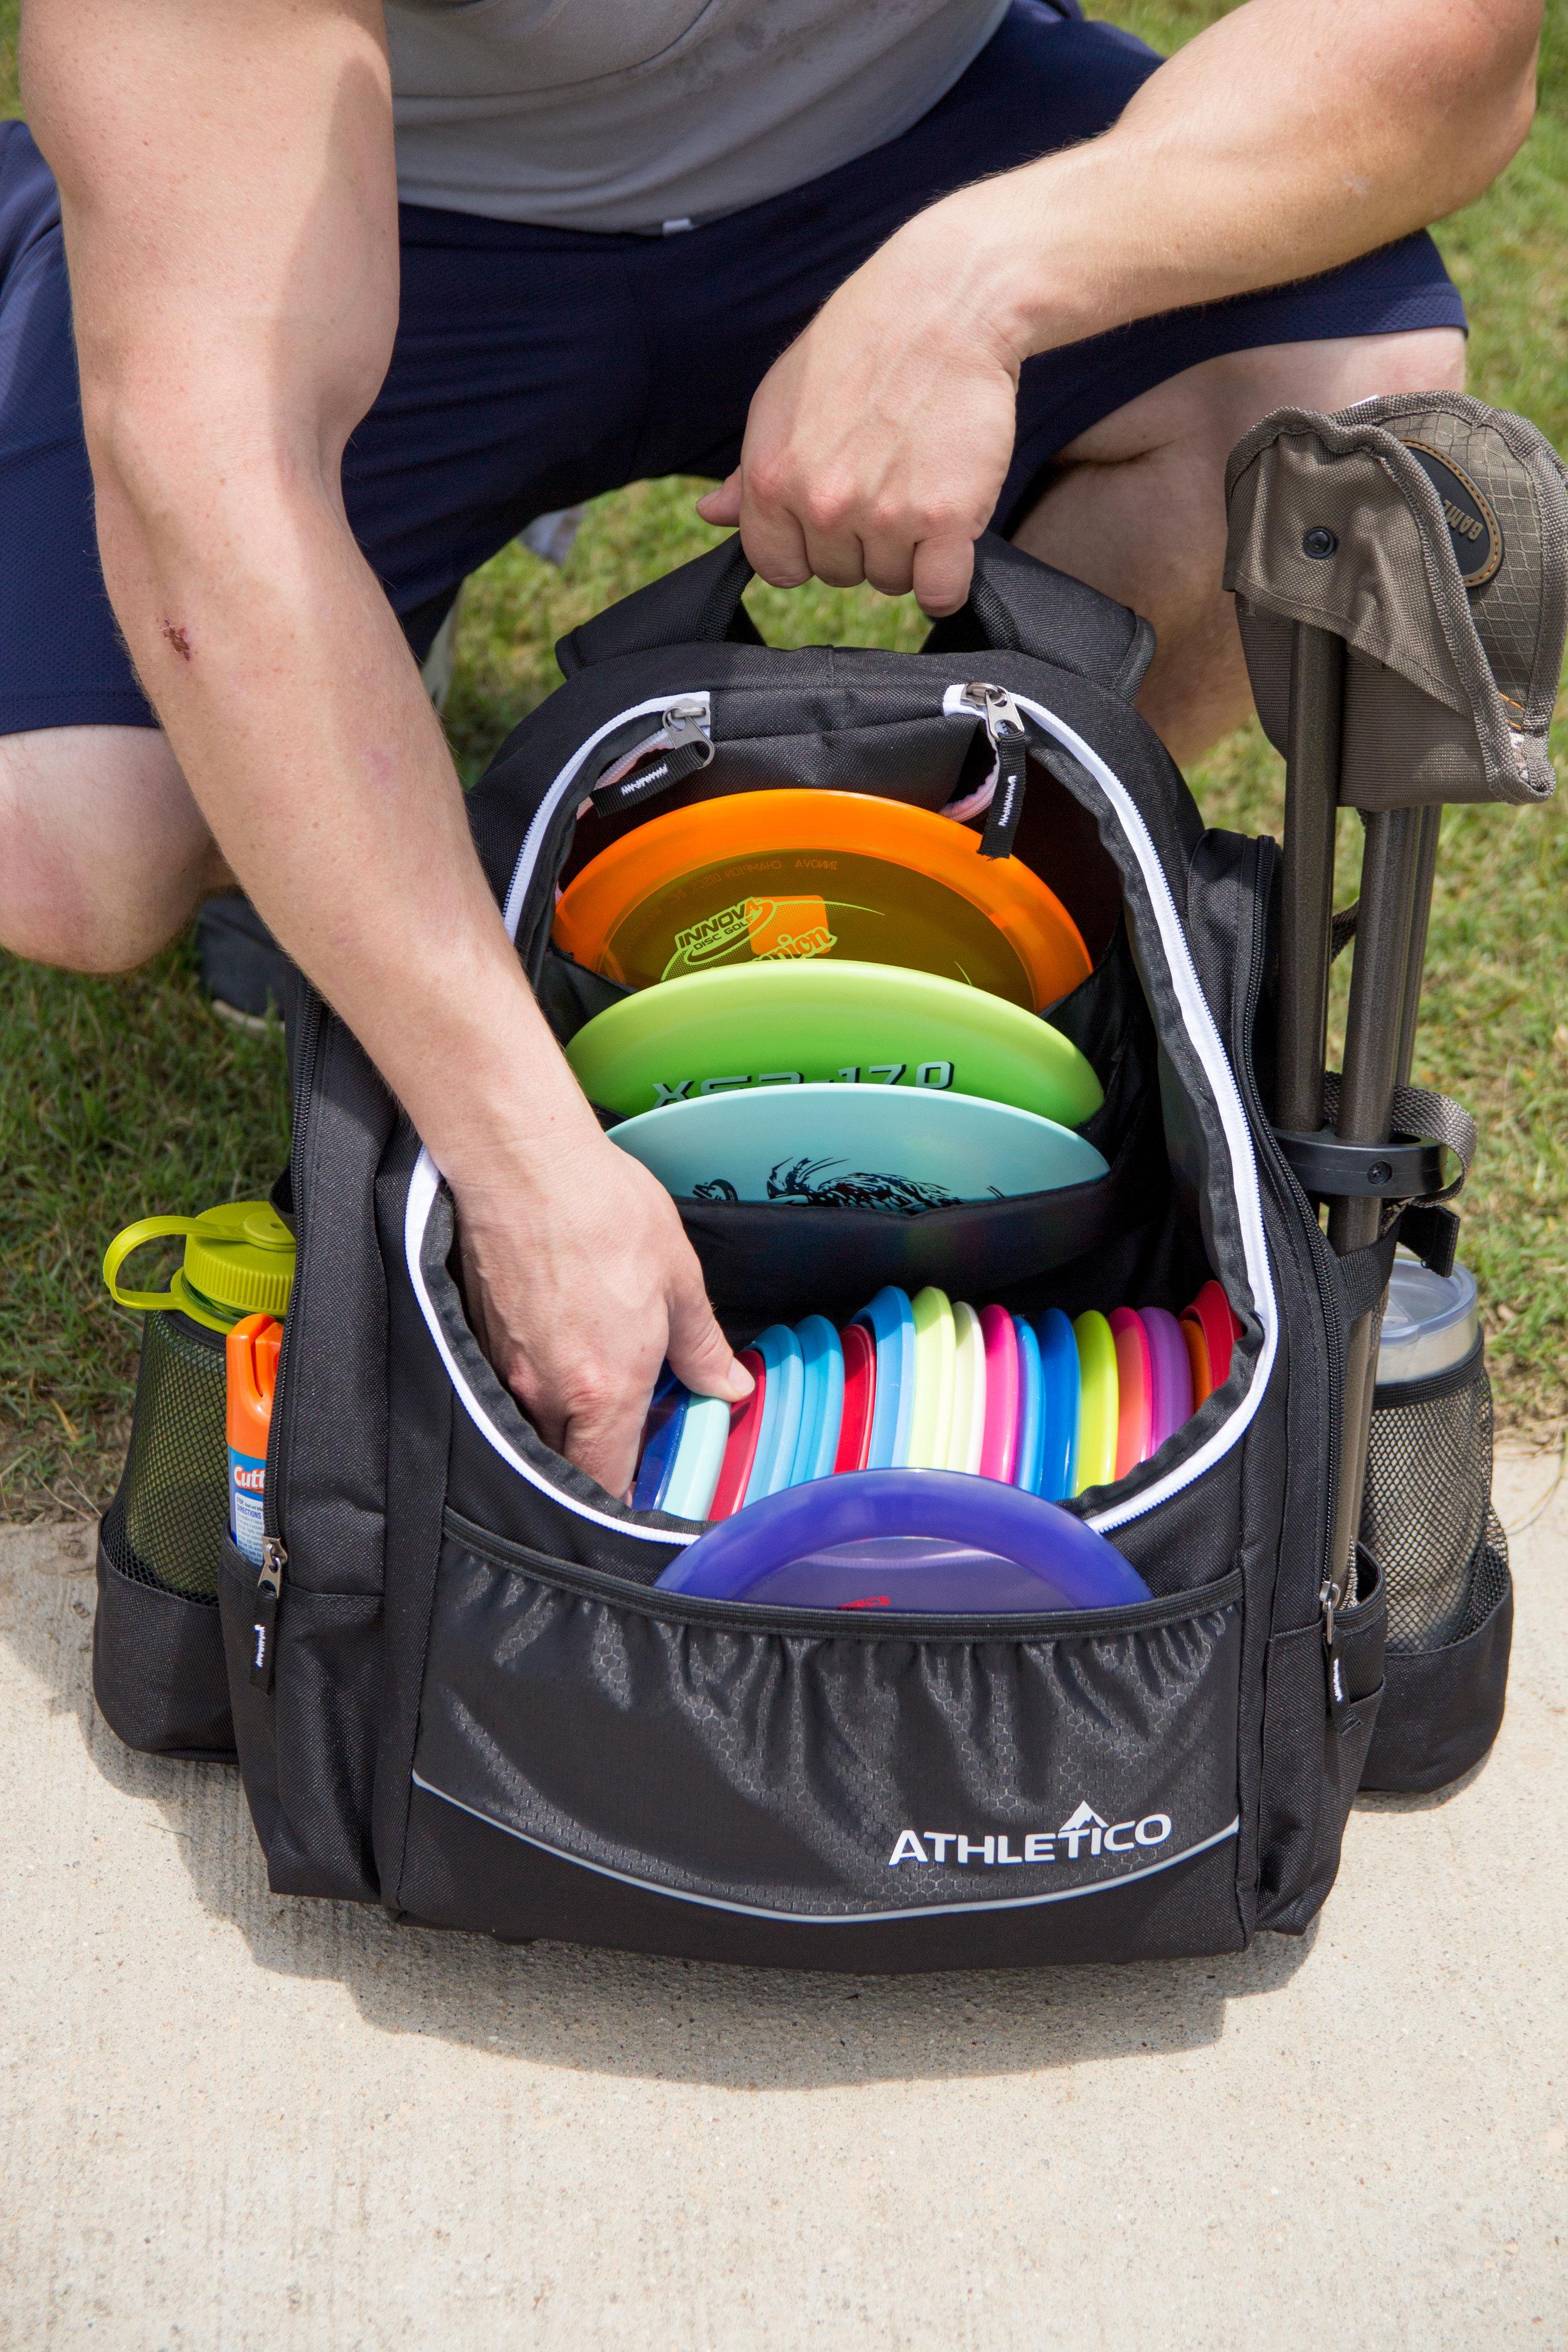 Athletico-Disc-Golf-Bag-16.jpg